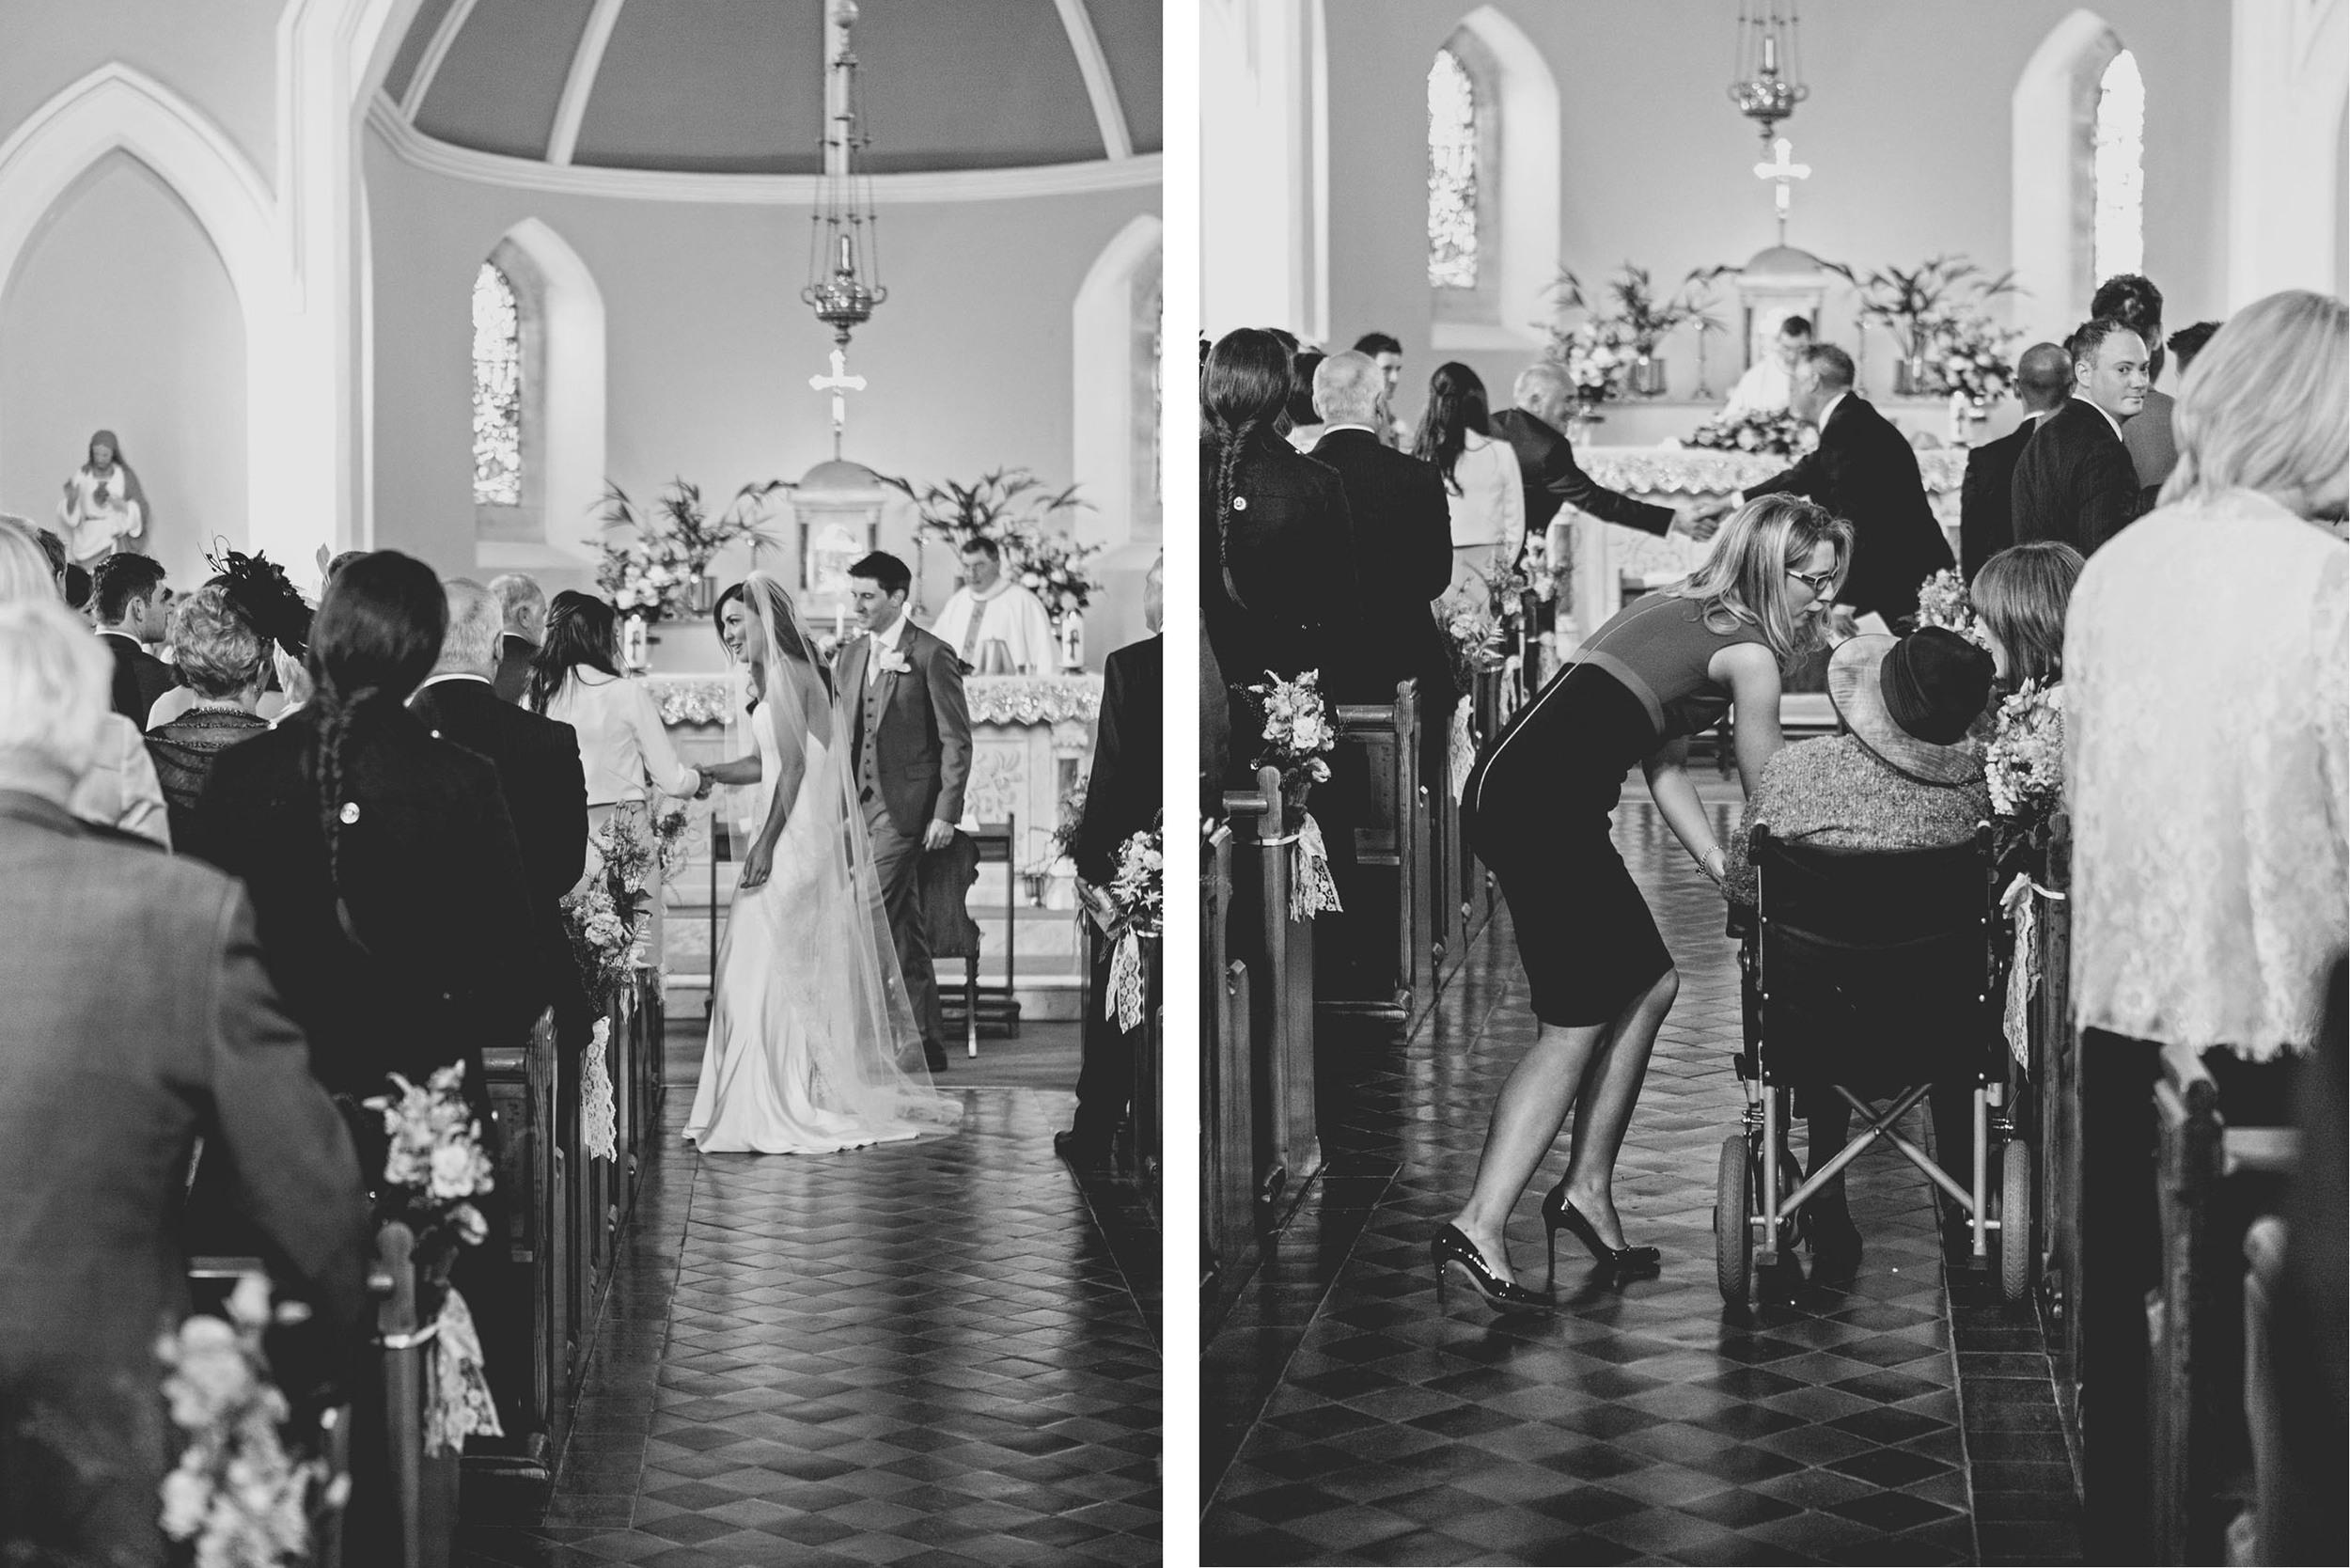 Julie & Matt's Seafield Wedding by Studio33weddings 049.jpg